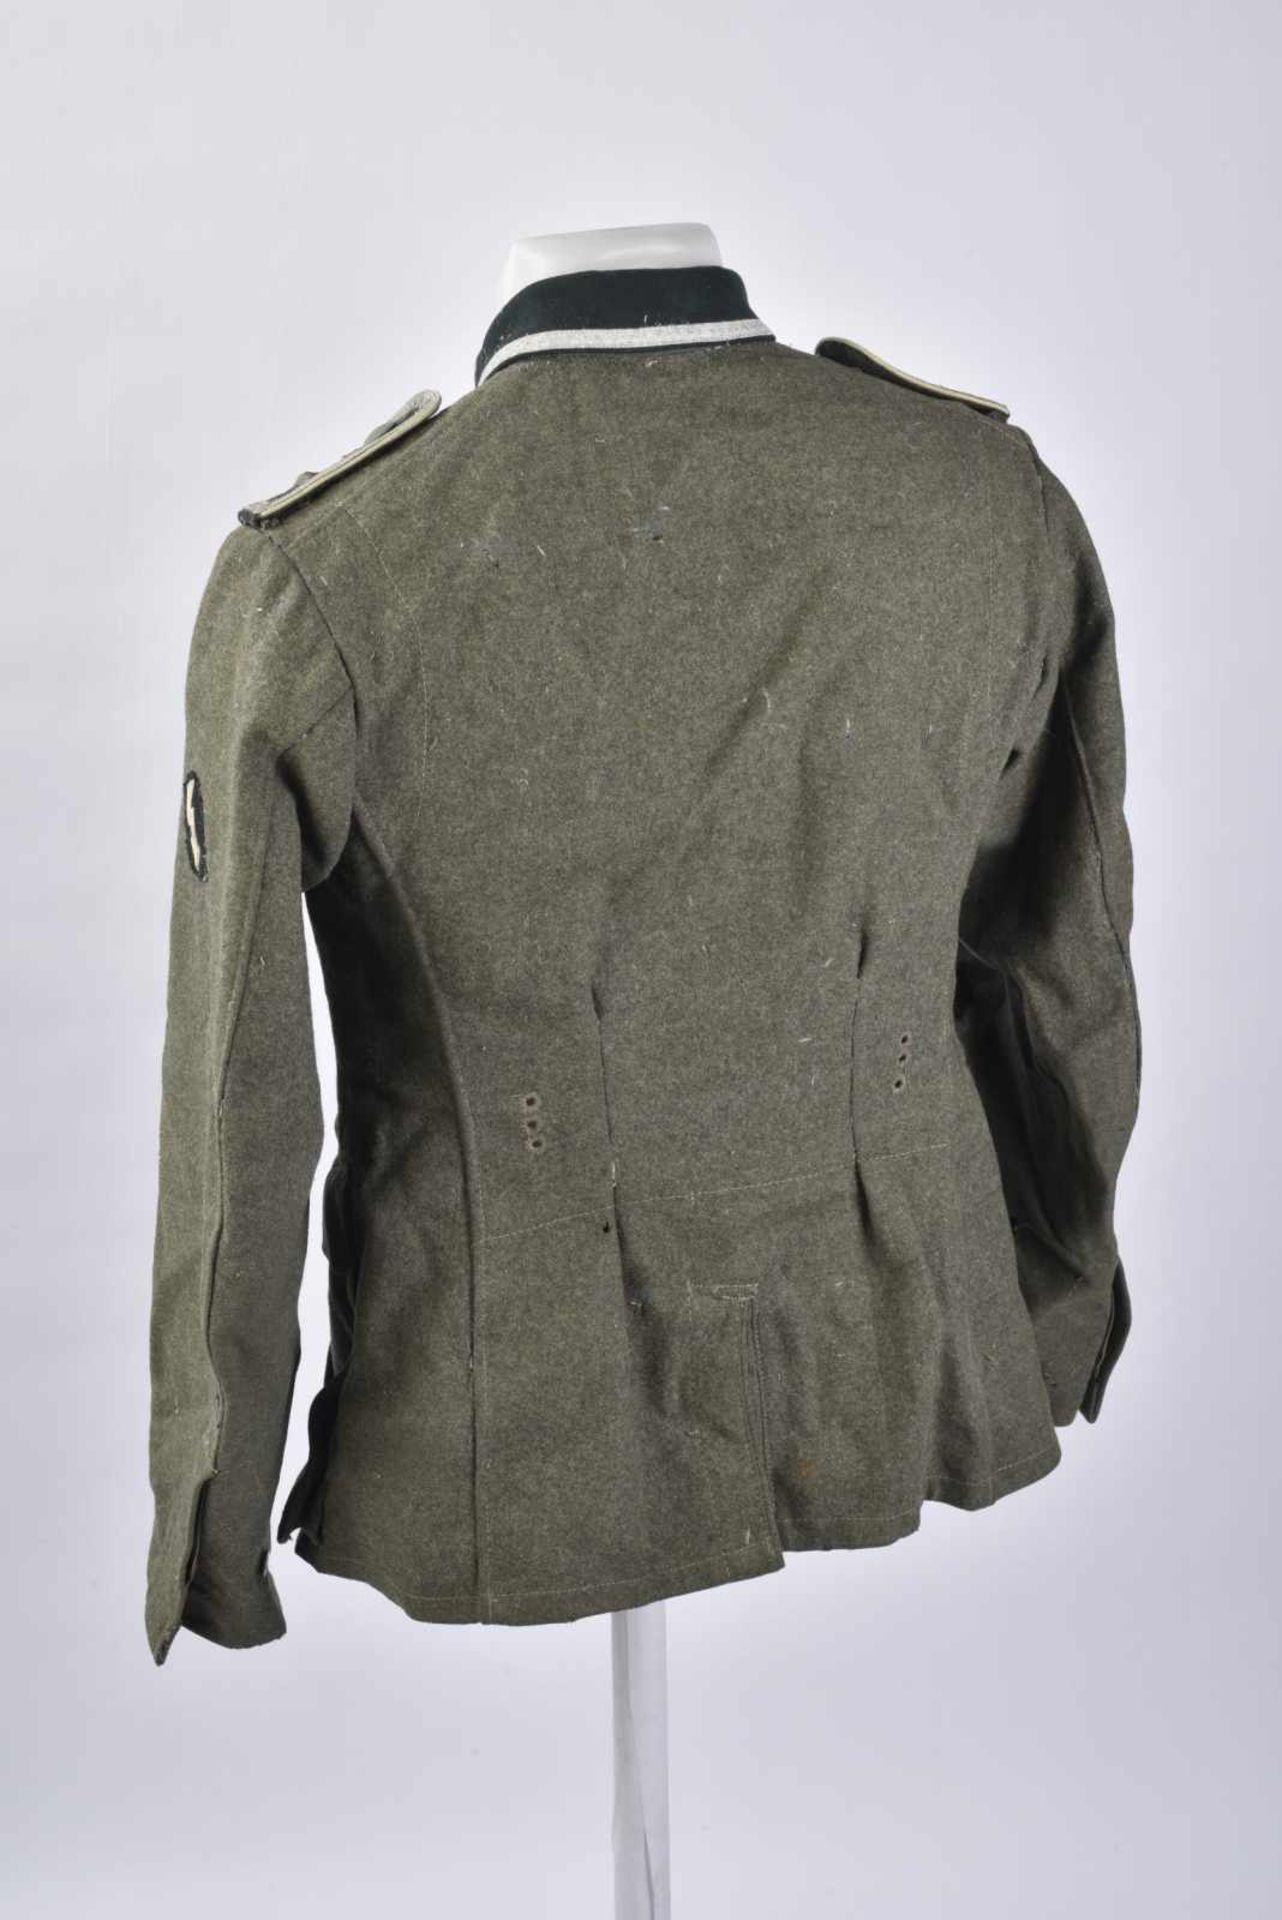 Vareuse de Feldwebel d'infanterie modèle 36 en tissu laineux Feldgrau, tous les boutons sont - Bild 4 aus 4